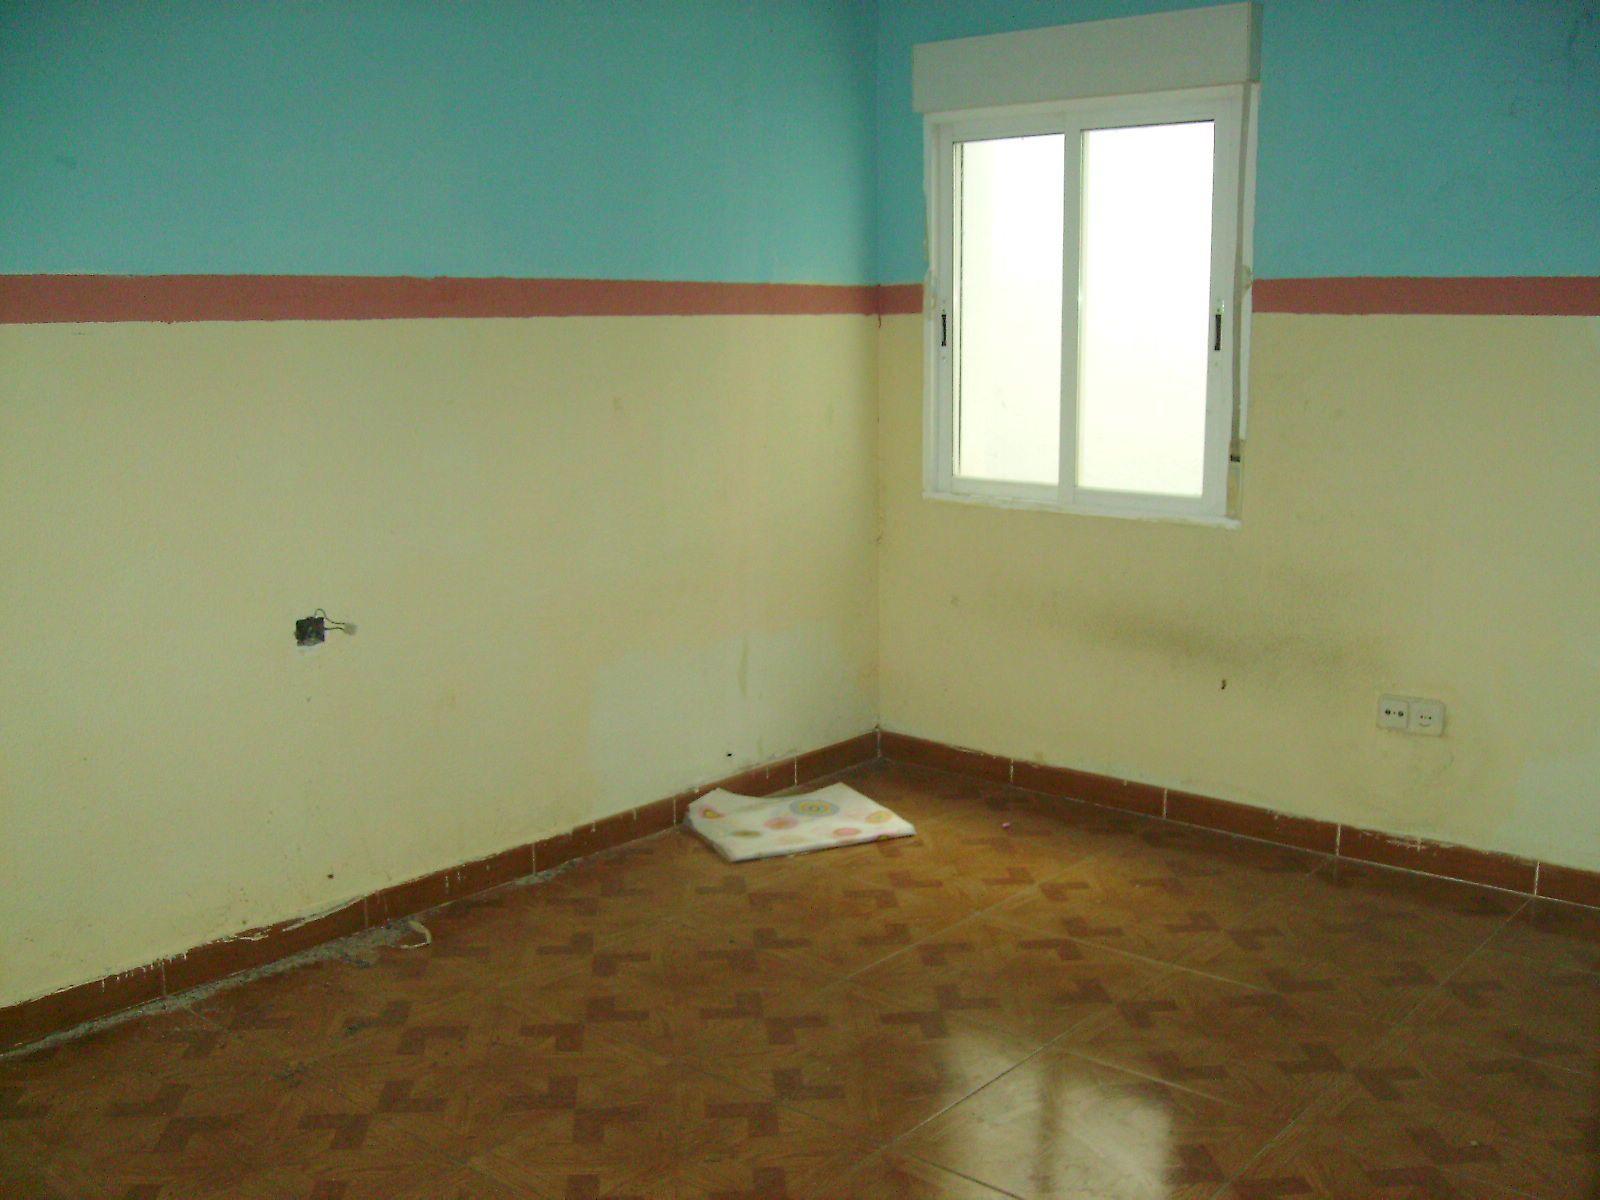 Apartamento en Colmenar Viejo (20191-0001) - foto3